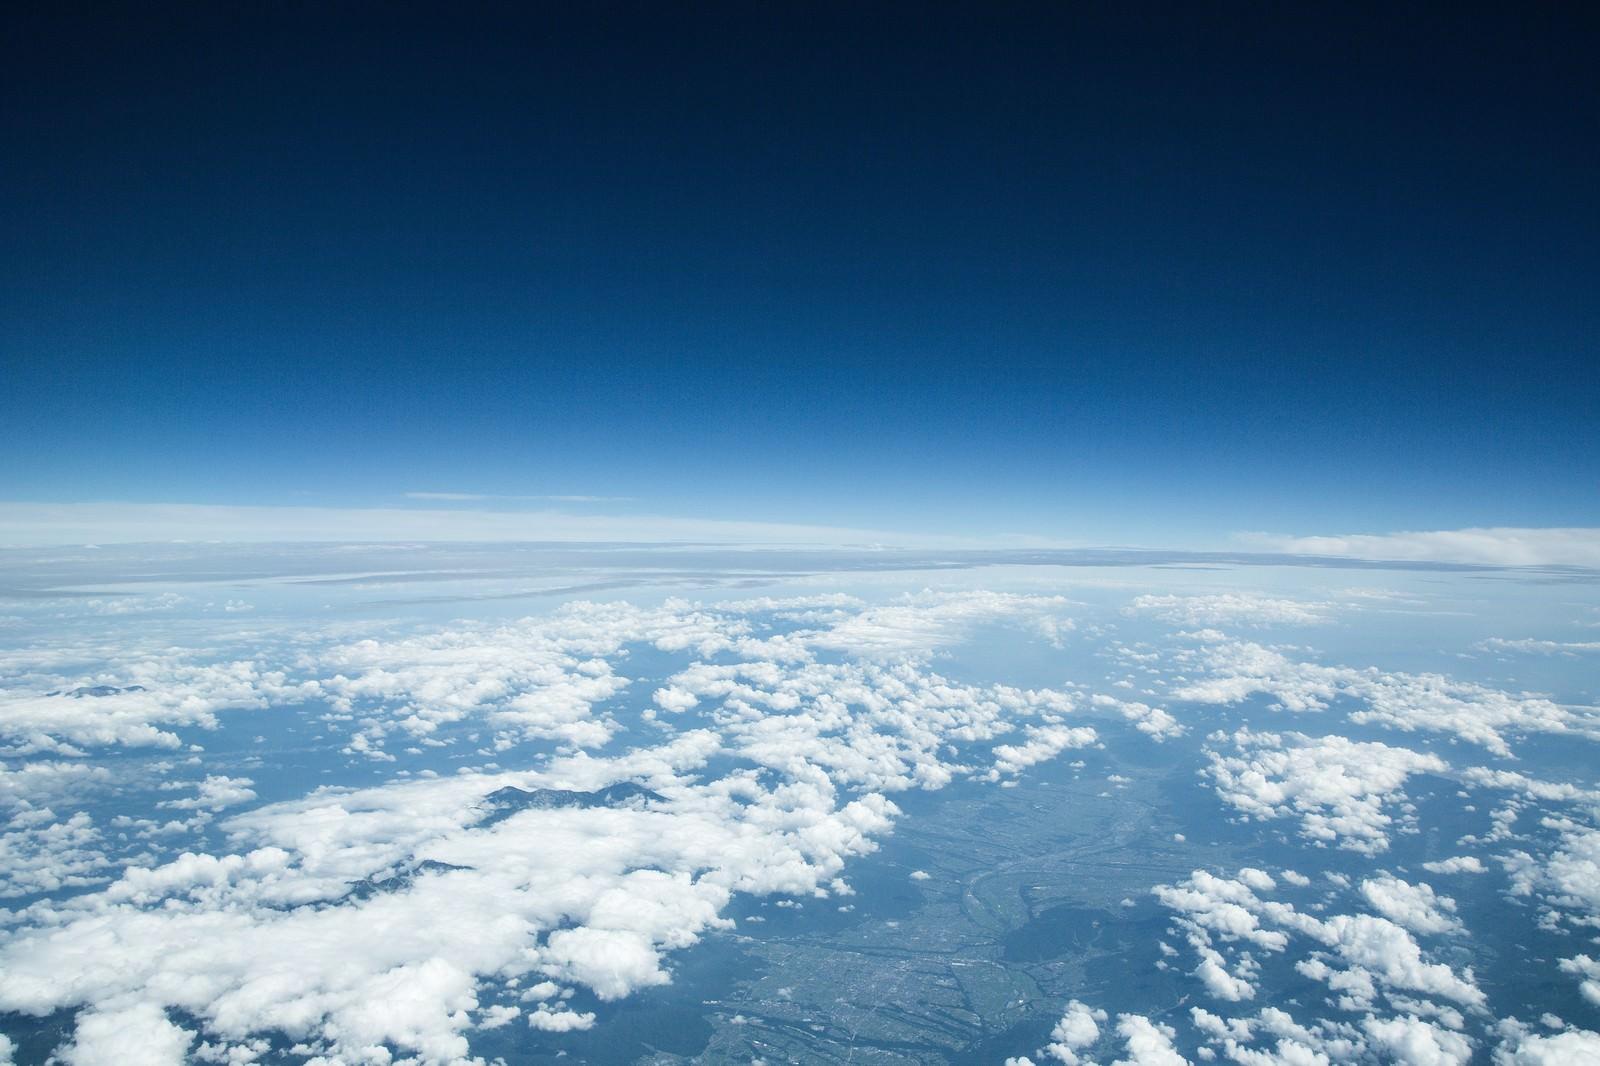 「雲を抜けた青空」の写真